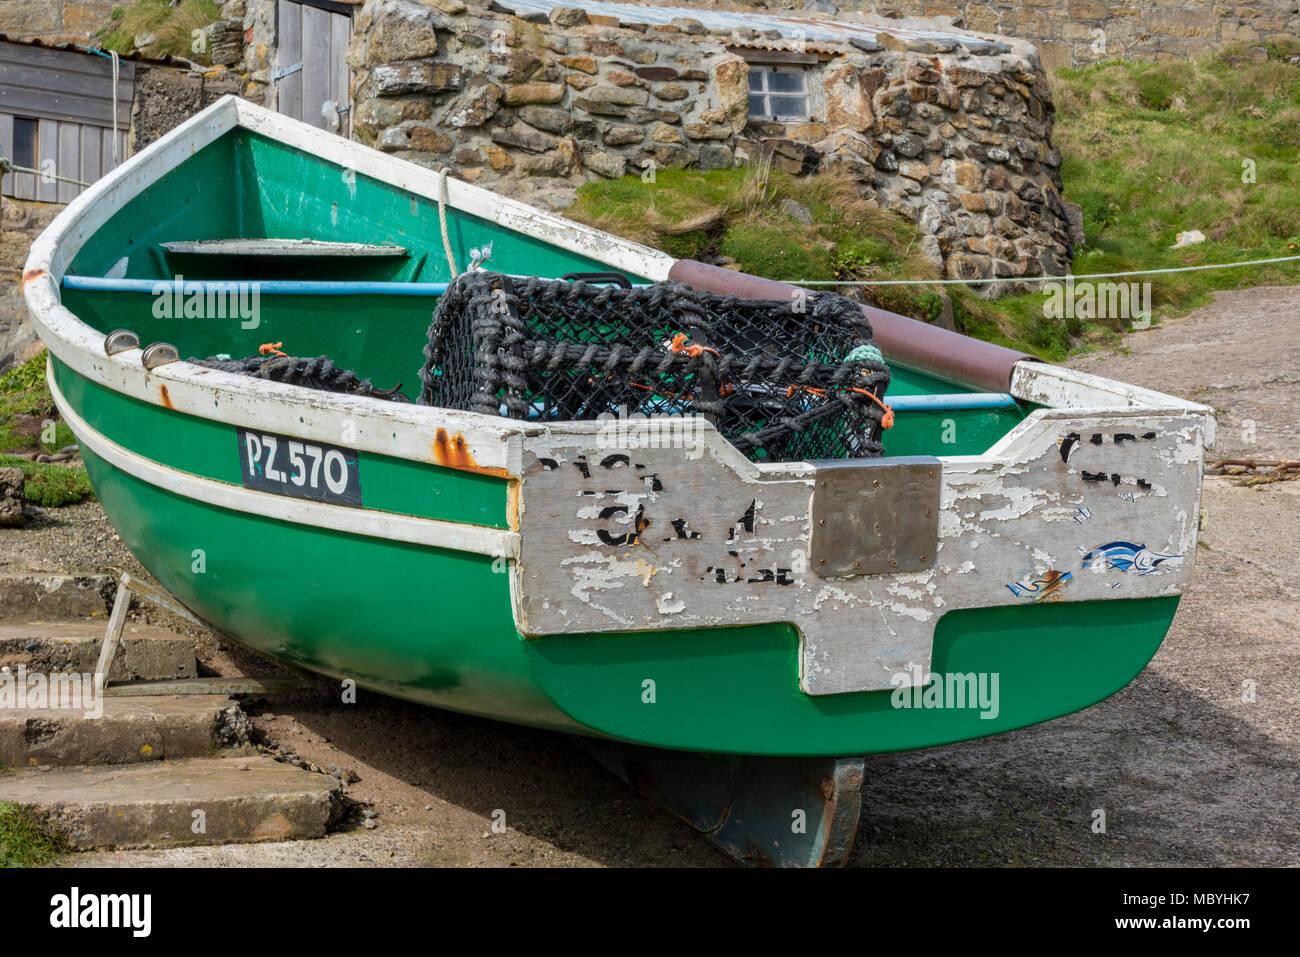 Eine kleine bunte Fischerboot auf helling auf dem Cornwall Cape Cornwall in der Nähe von st nur auf die penwith Bereich Lizard Halbinsel. Fischer Boot. Stockbild